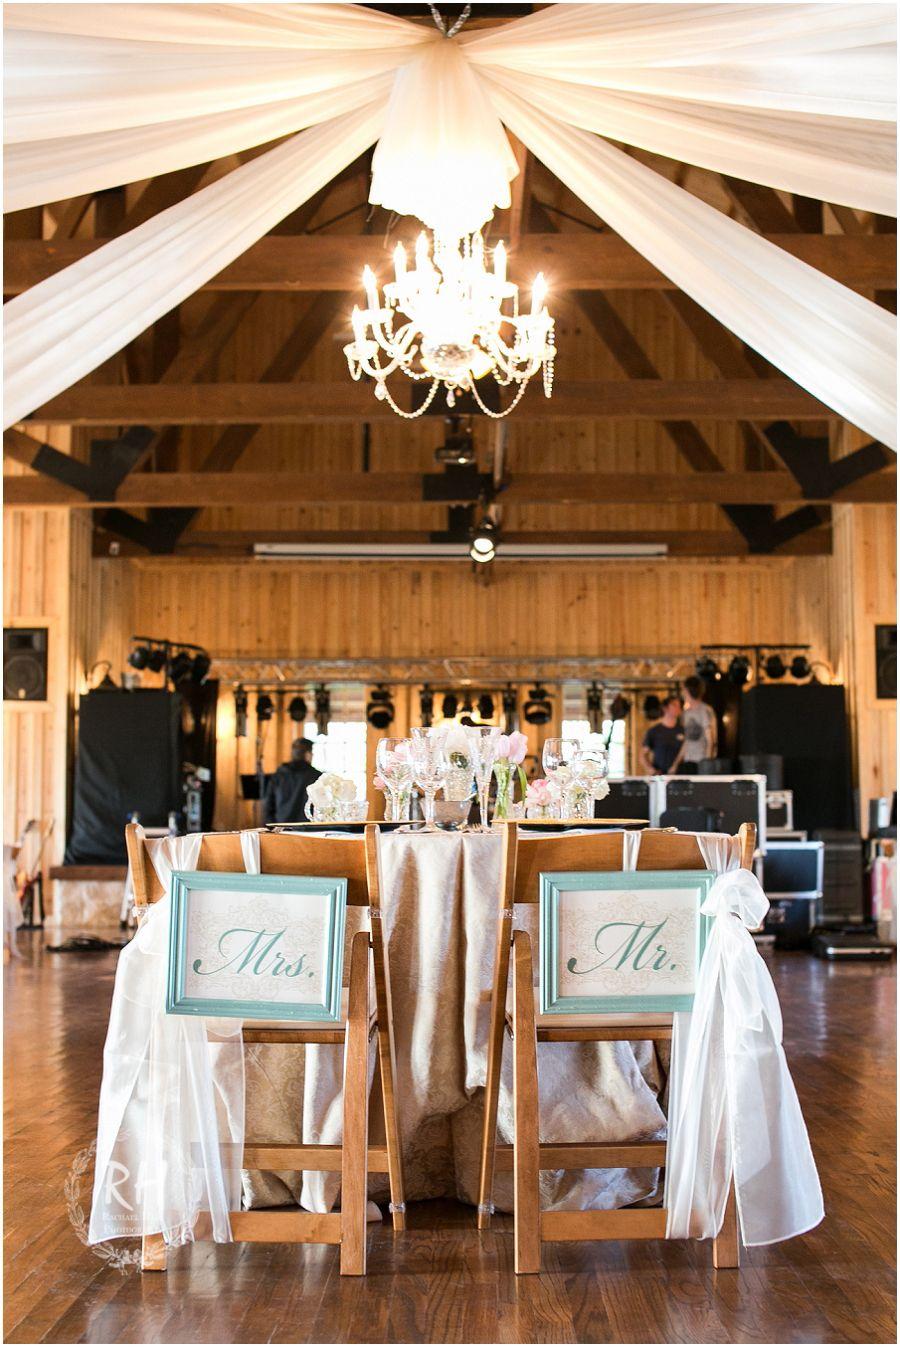 Carlee + Gregg = Married! (Boulder Springs Event Center